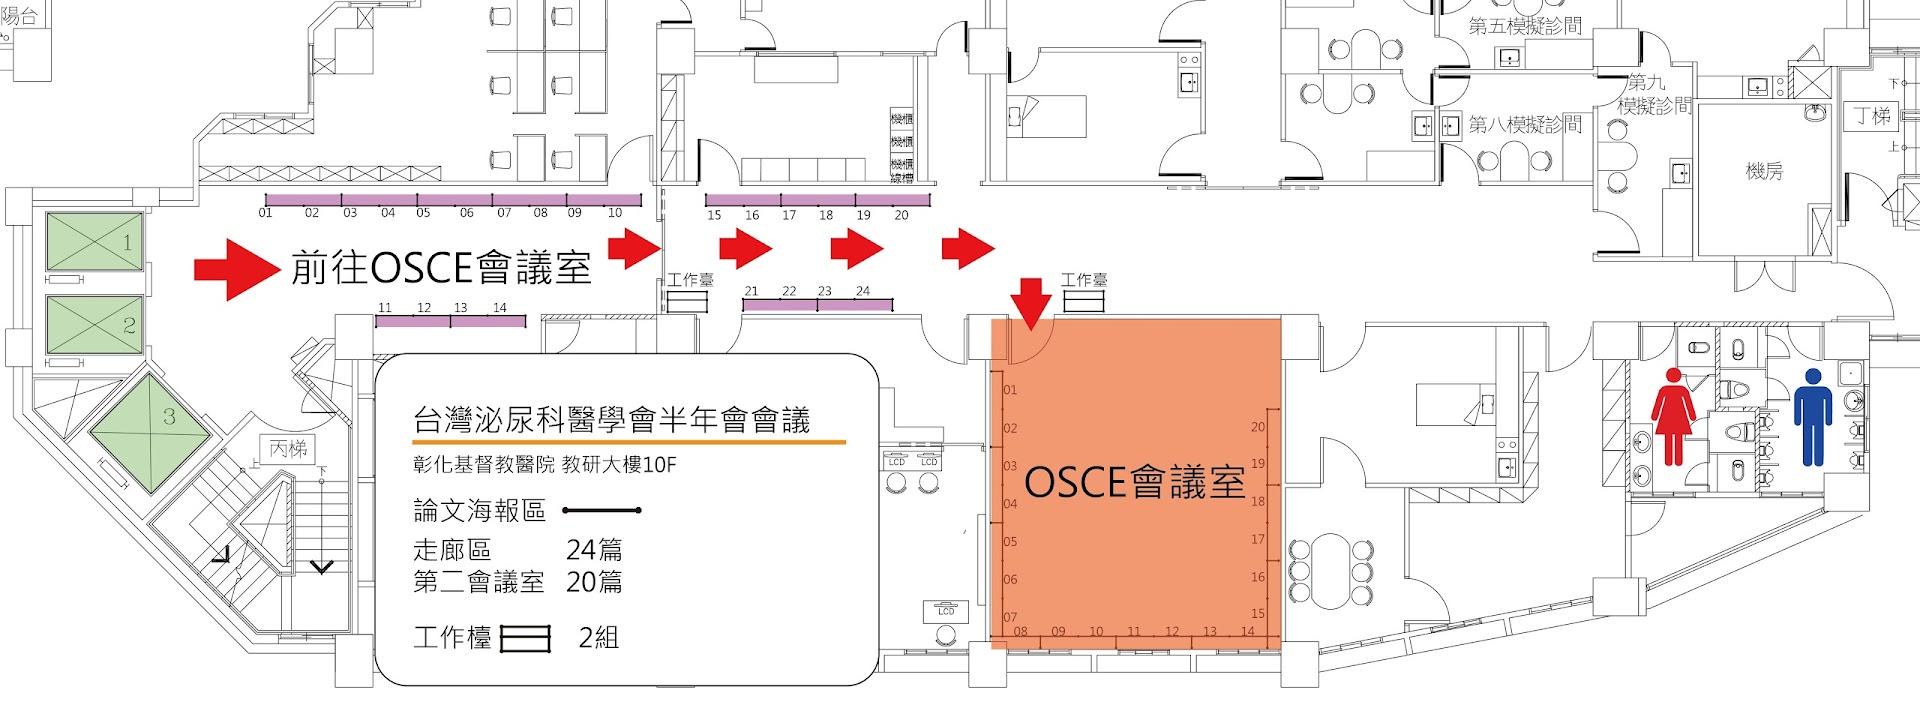 彰基-教研大樓10F-OSCE會議室